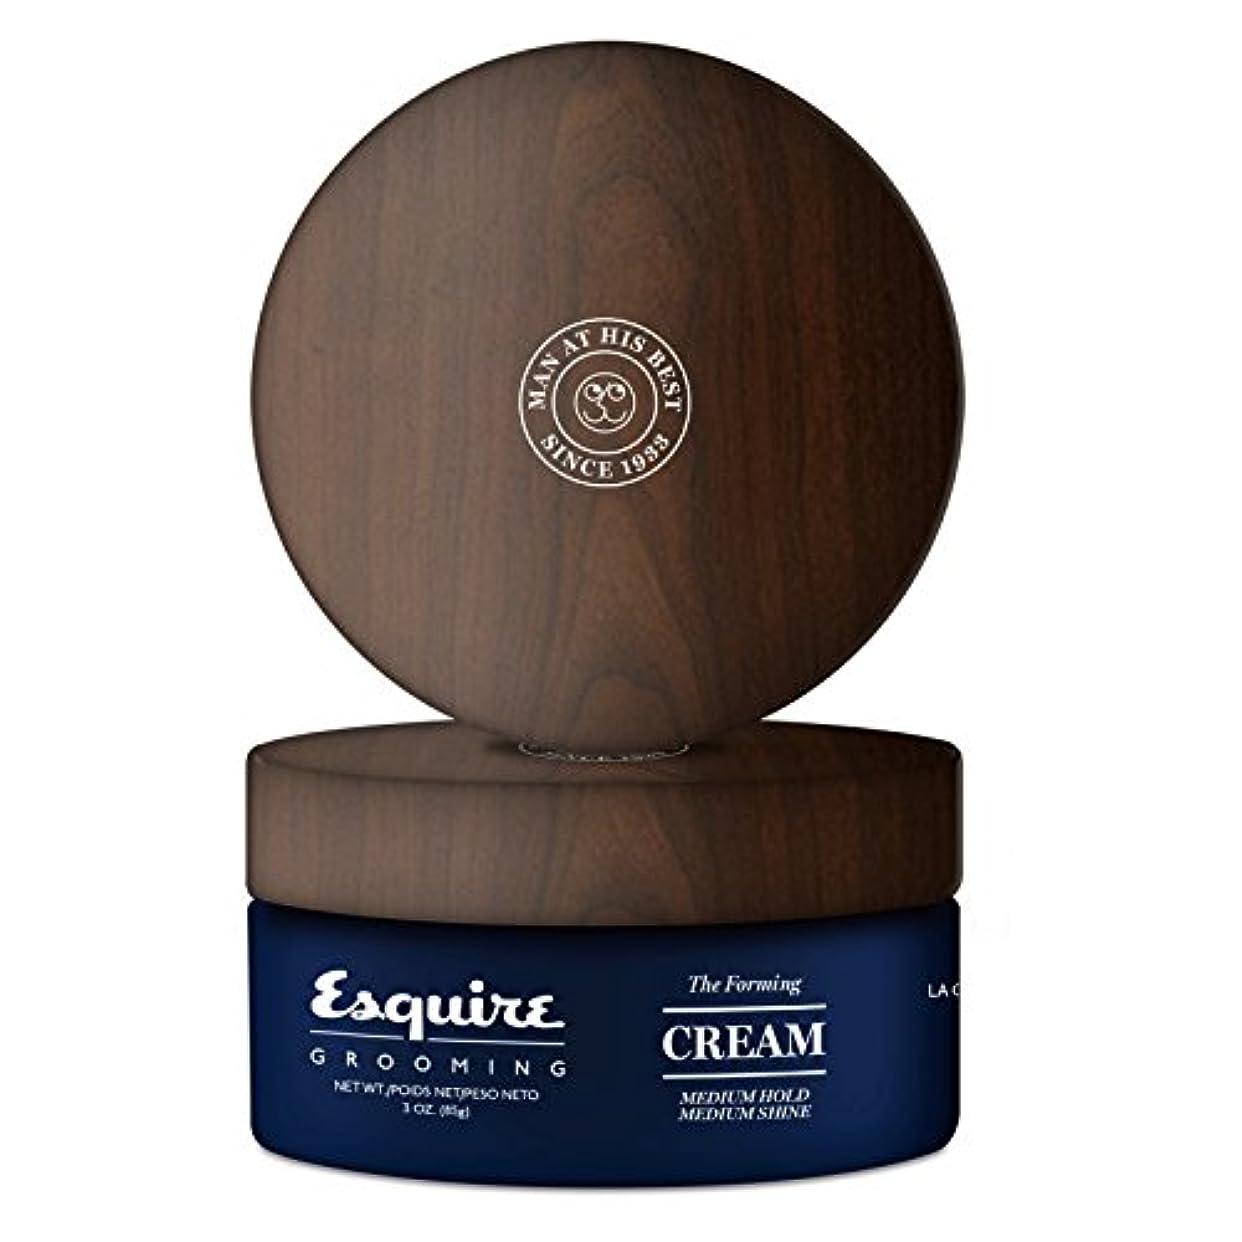 パリティ豆ドームCHI Esquire Grooming The Forming Cream (Medium Hold, Medium Shine) 85g/3oz並行輸入品